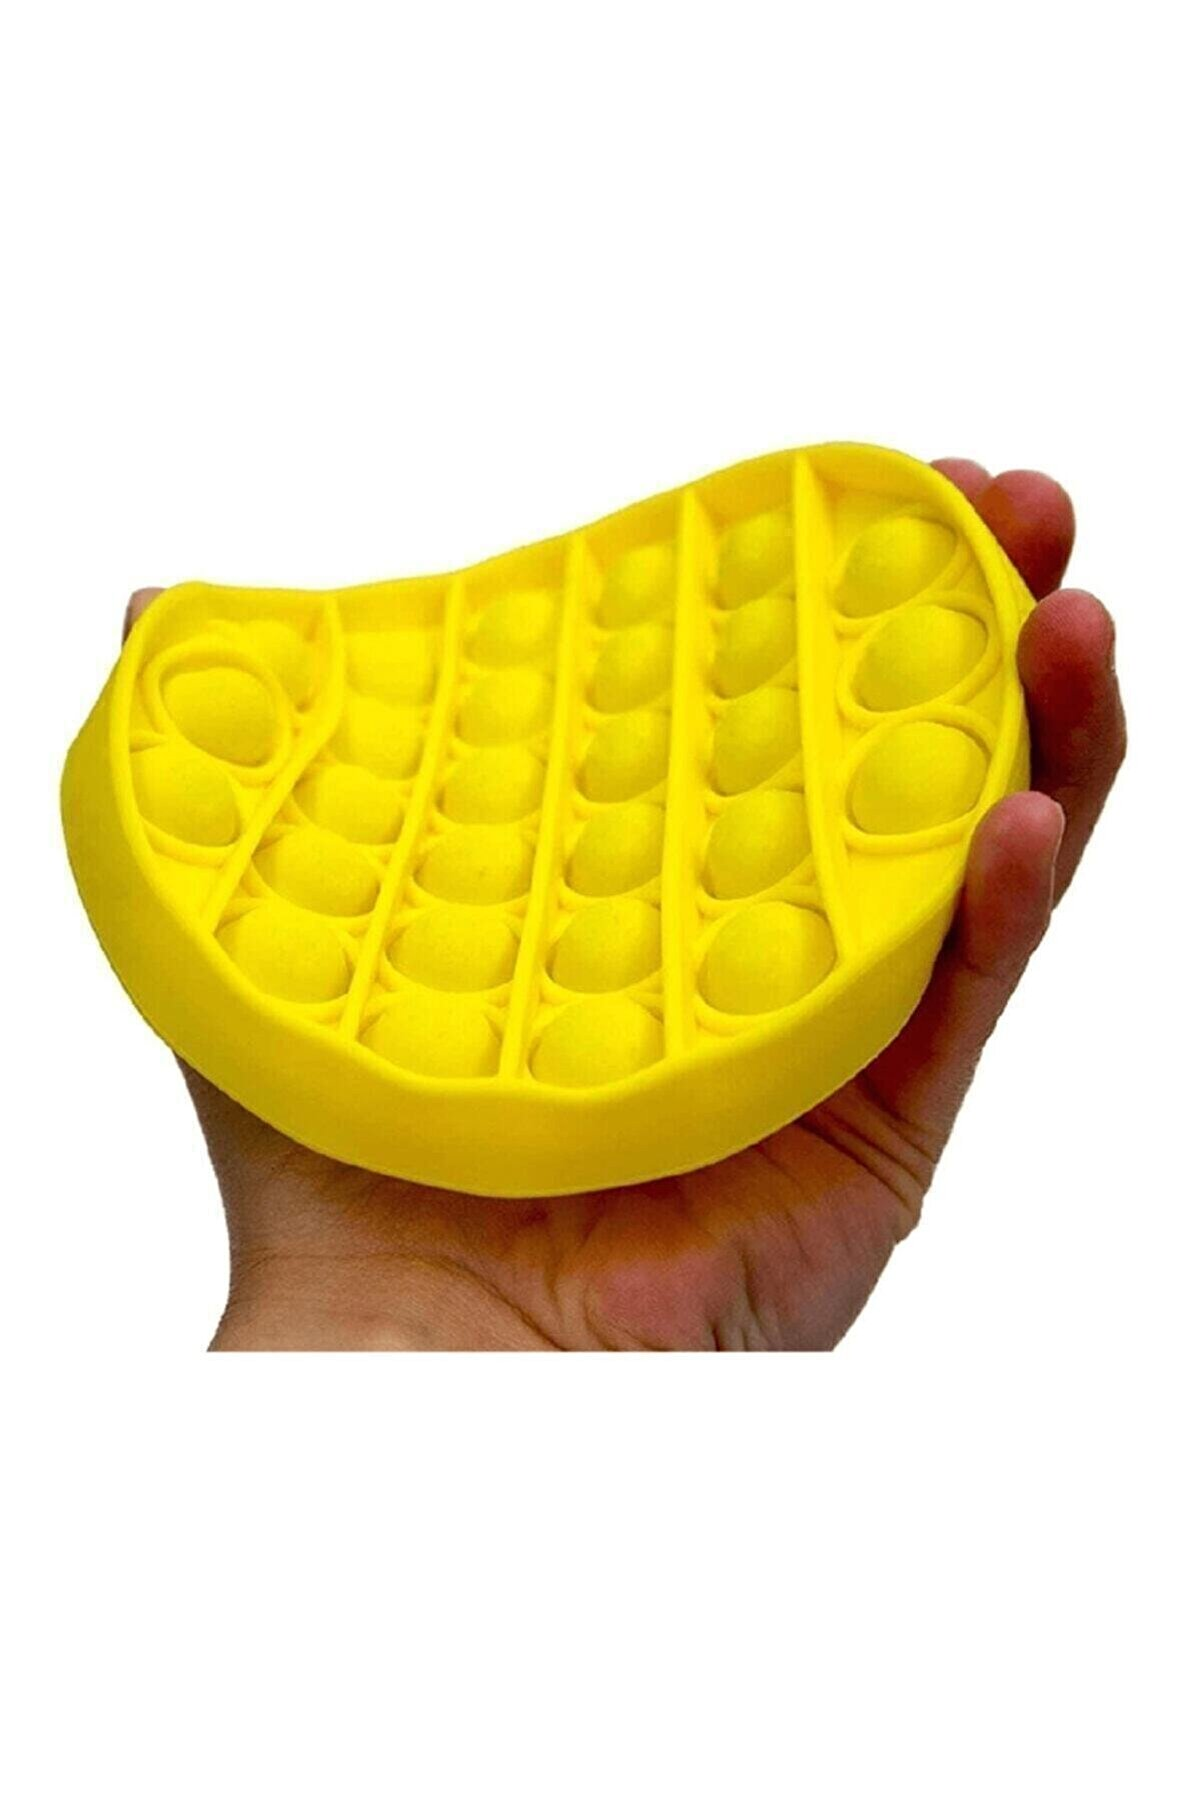 Başel Toys Popit Pop It Duyusal Oyuncak Özel Pop Stres Sarı Daire